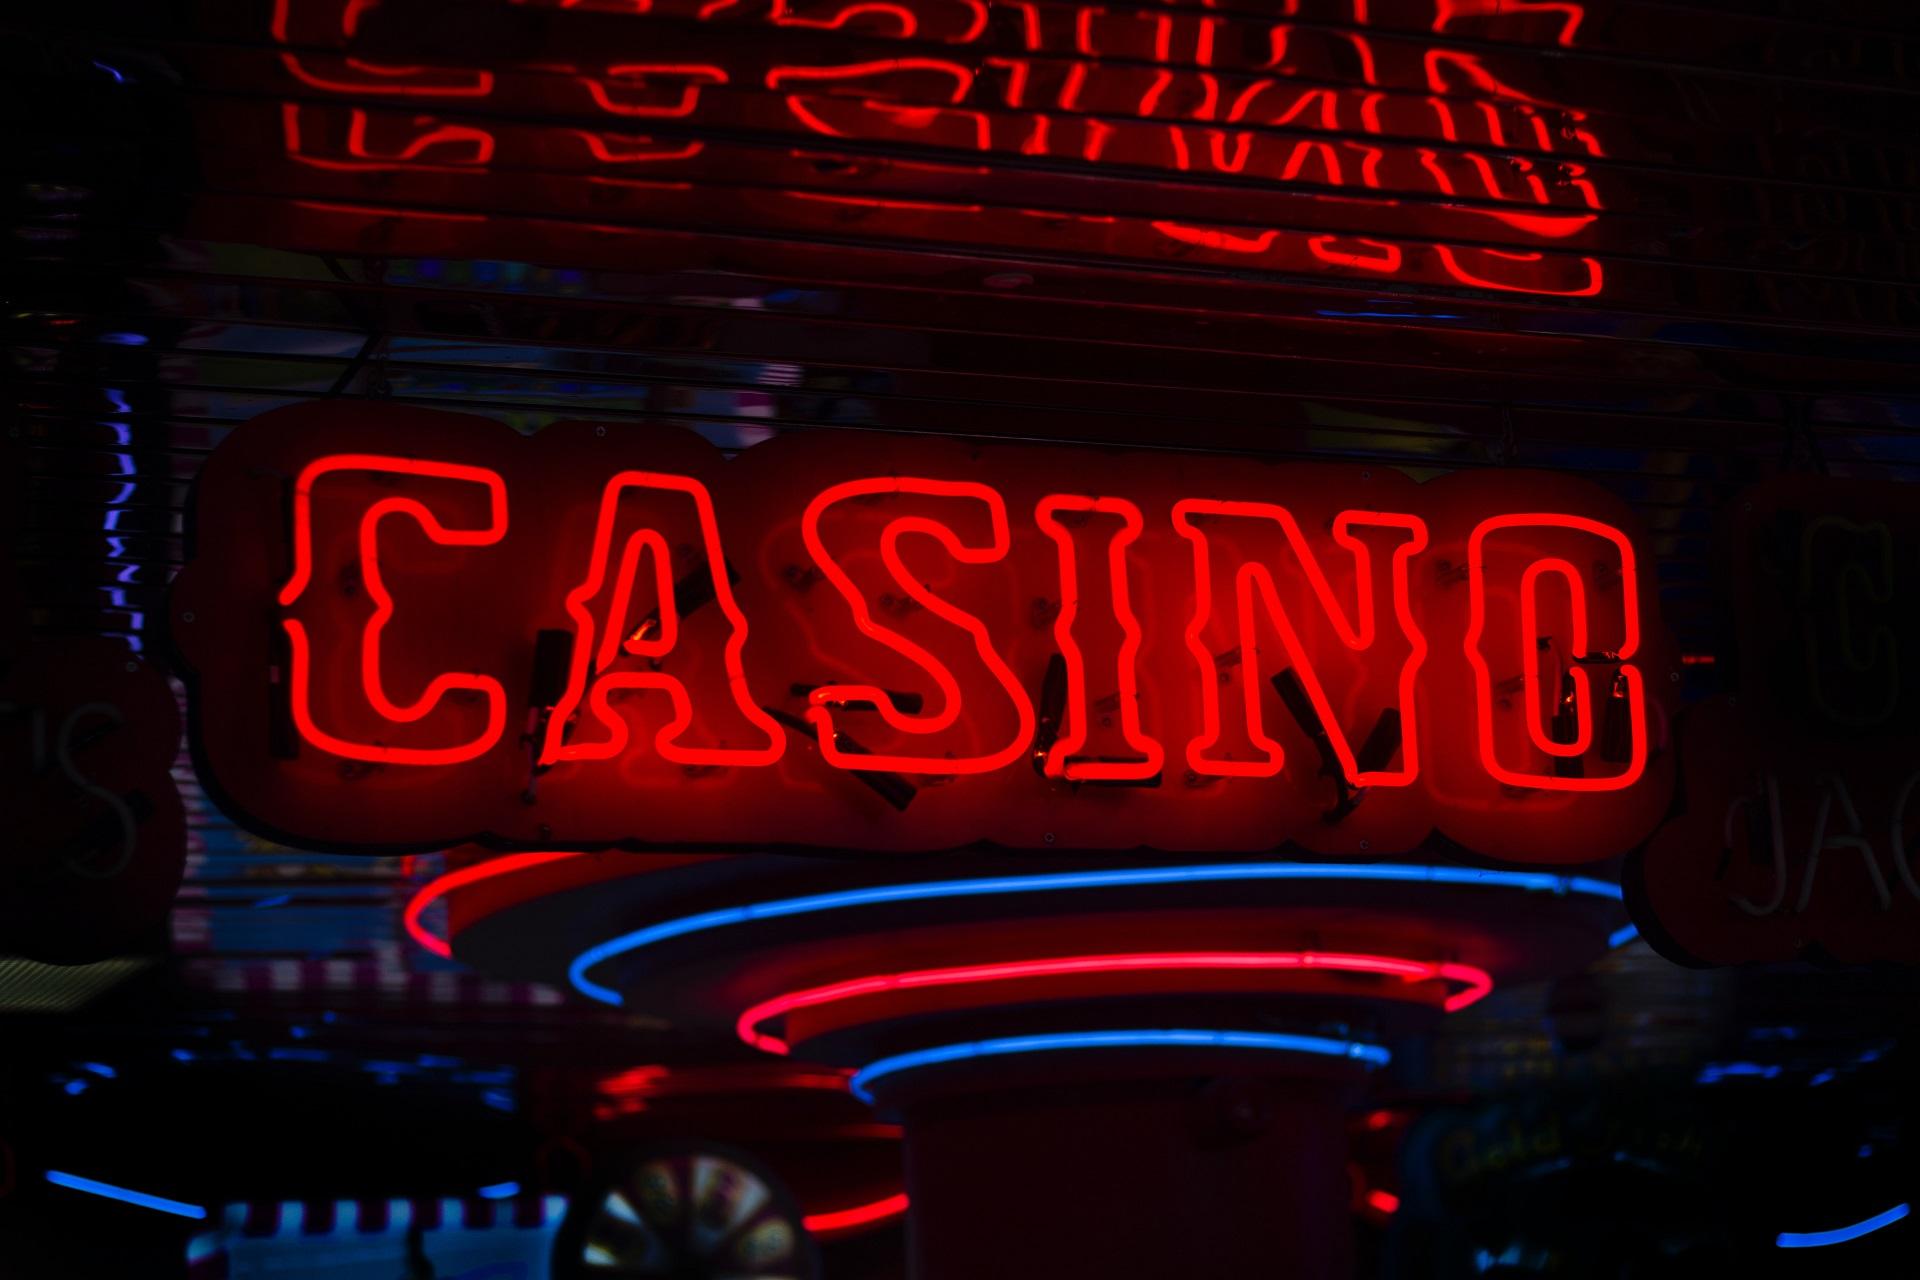 オンラインカジノでのギャンブルゲーム